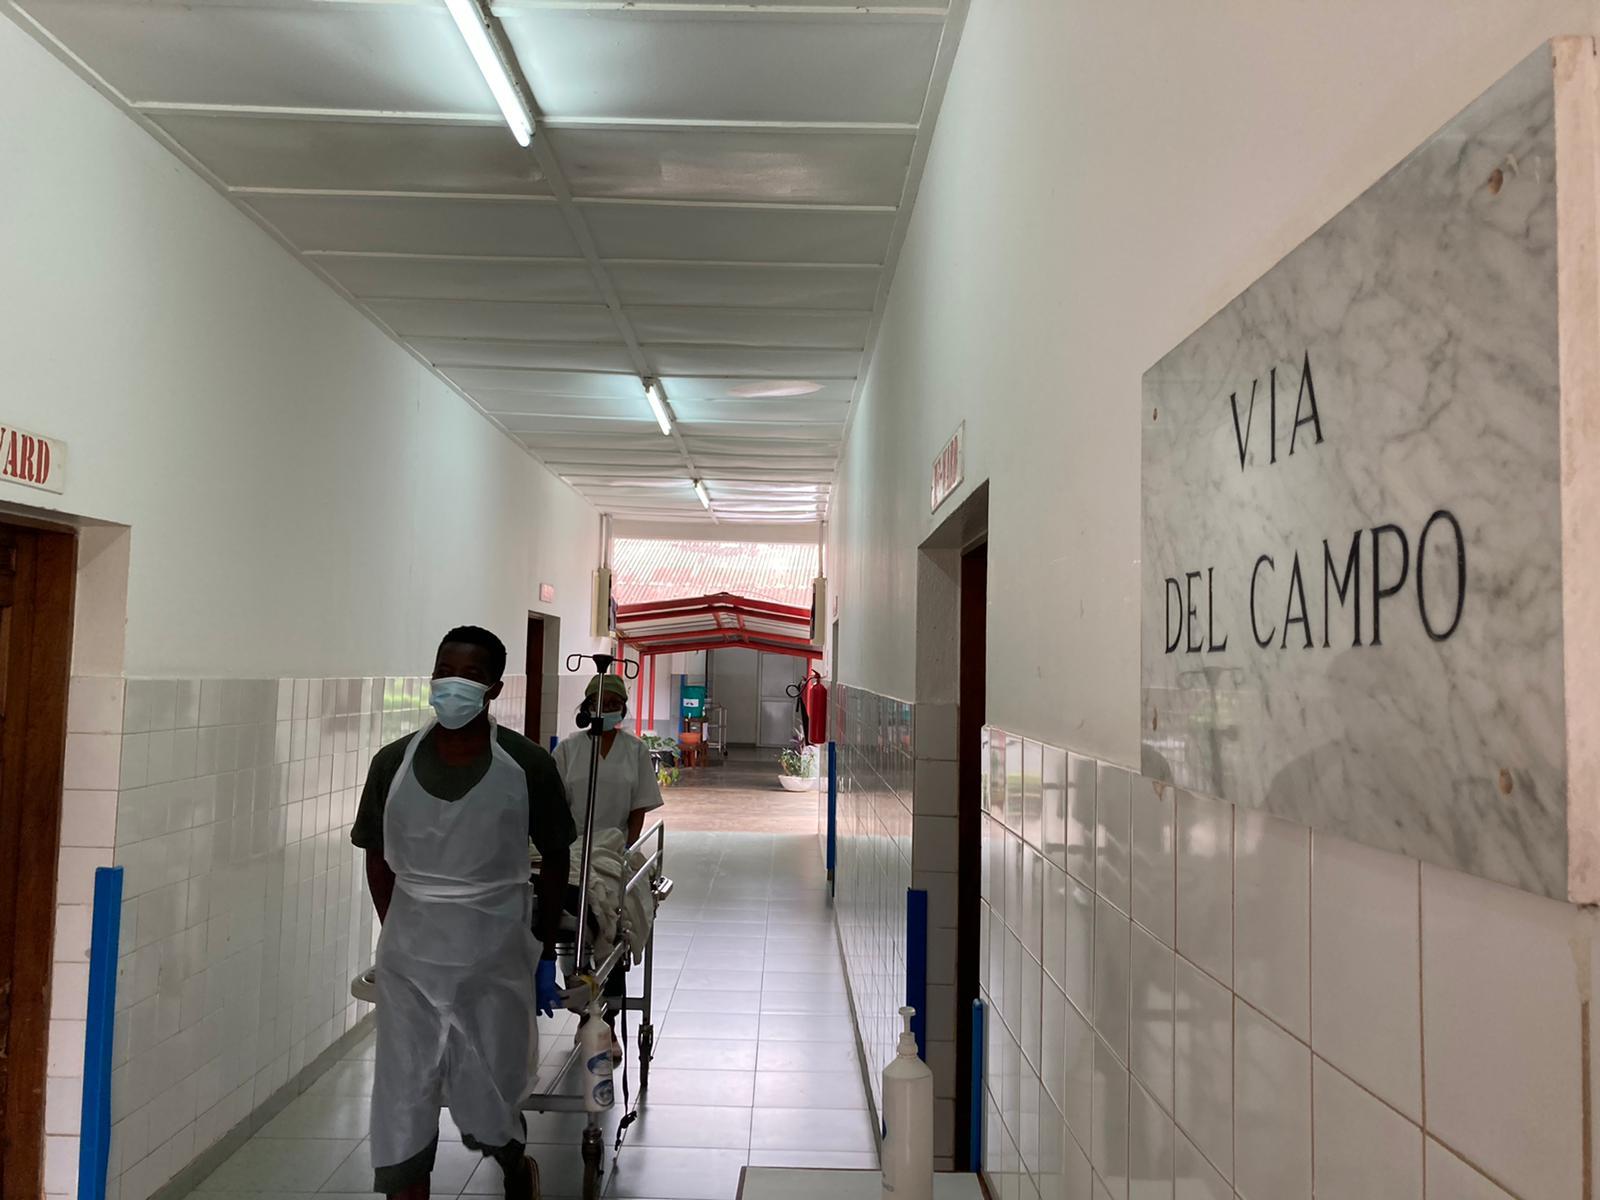 Via del Campo nell'ospedale in Sierra Leone